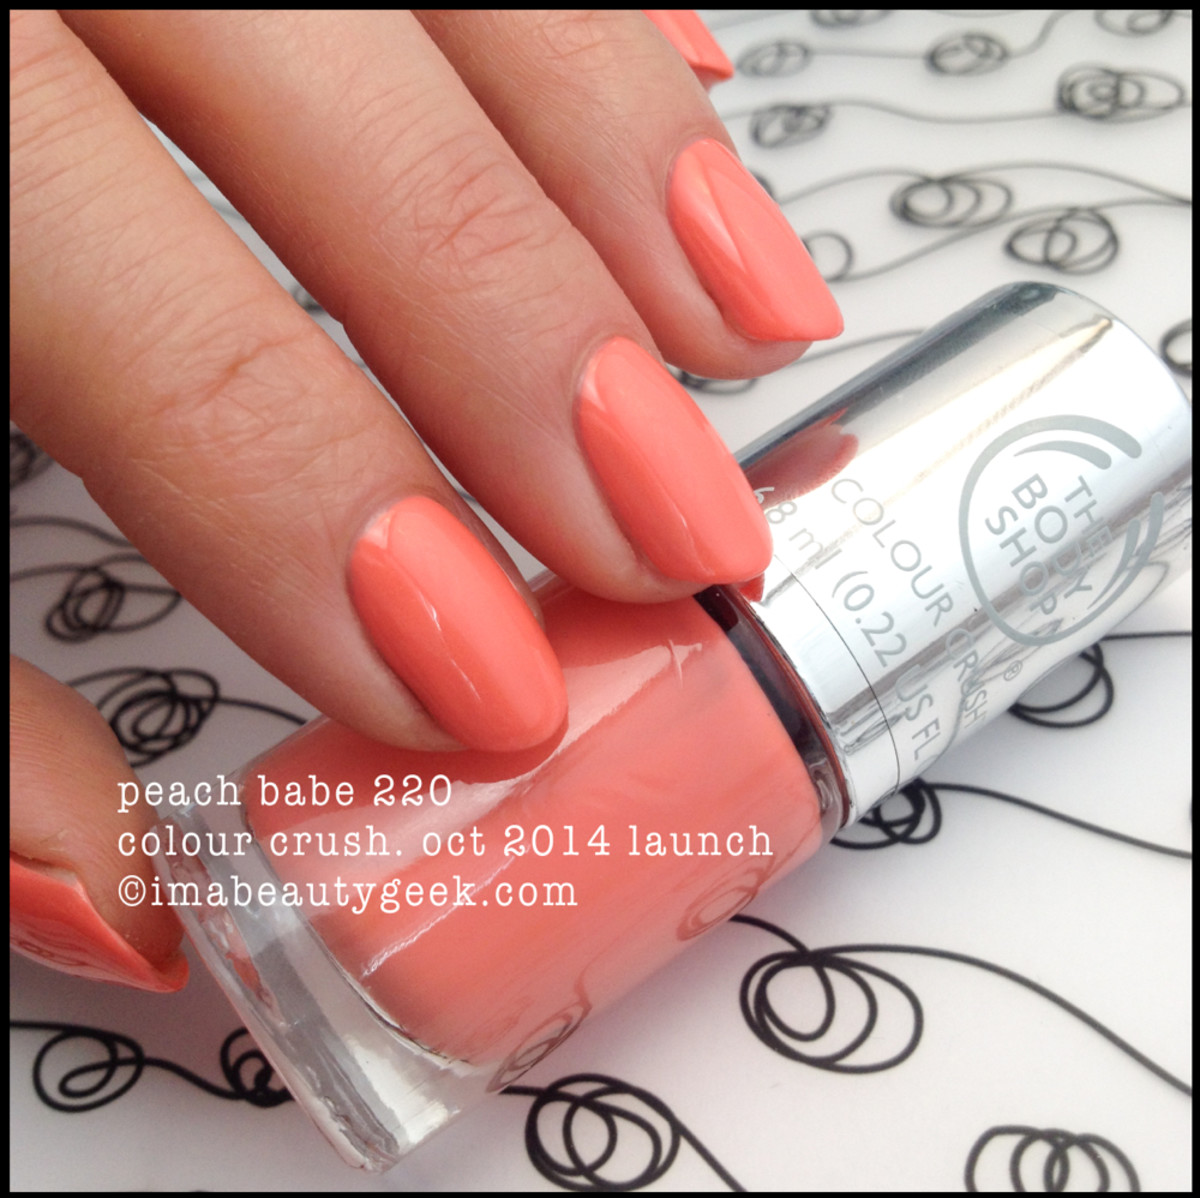 Body Shop Colour Crush Peach Babe 220 Fall 2014 Beautygeeks